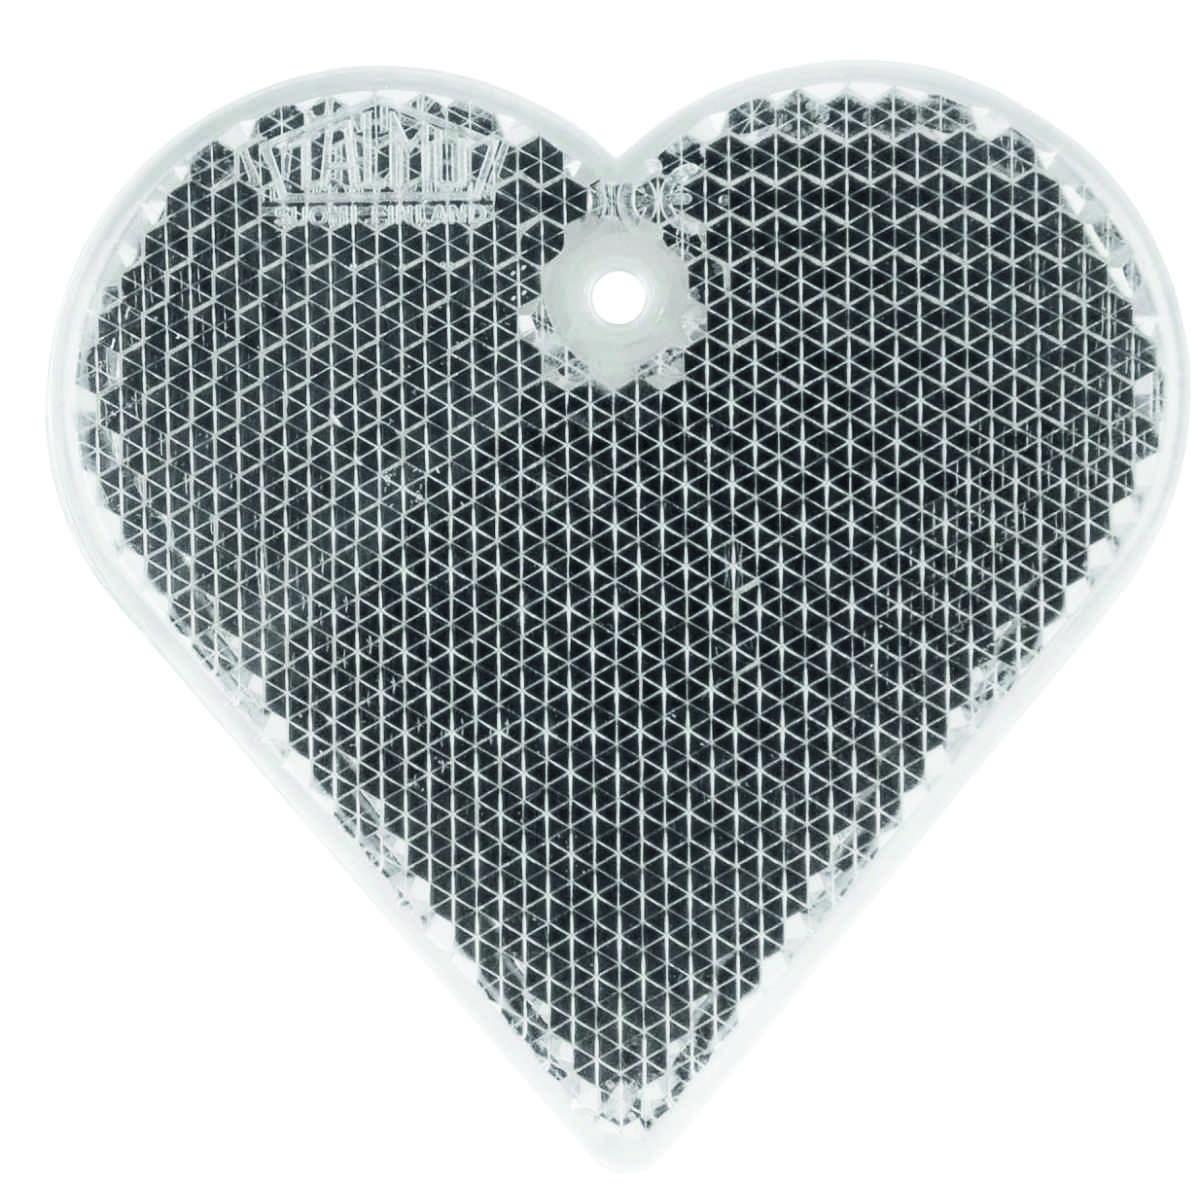 Мамасвет Светоотражатель пешеходный Сердце цвет розовыйВетерок 2ГФСветоотражатель пешеходный Мамасвет Сердце выполнен из высококачественного материала в виде подвески.Светоотражатель должен свободно раскачиваться и быть видимым со всех сторон. В комплект со светоотражателем входит специальное крепление - шариковая цепочка. В темное время суток движущийся пешеход становится виден в свете автомобильных фар только на расстоянии 30 метров - у водителя остается всего лишь 1,3 секунды на то, чтобы среагировать. Пешеход же со светоотражателем заметен уже на расстоянии 150-400 метров, и у водителя есть целых 7 секунд, чтобы объехать его и избежать ДТП.Специалисты считают, что в темноте риск для пешехода стать жертвой ДТП или спровоцировать аварию возрастает в два раза, а у пешехода без светоотражателя он почти в десять раз выше, чем у того, кто использует это полезное изобретение.